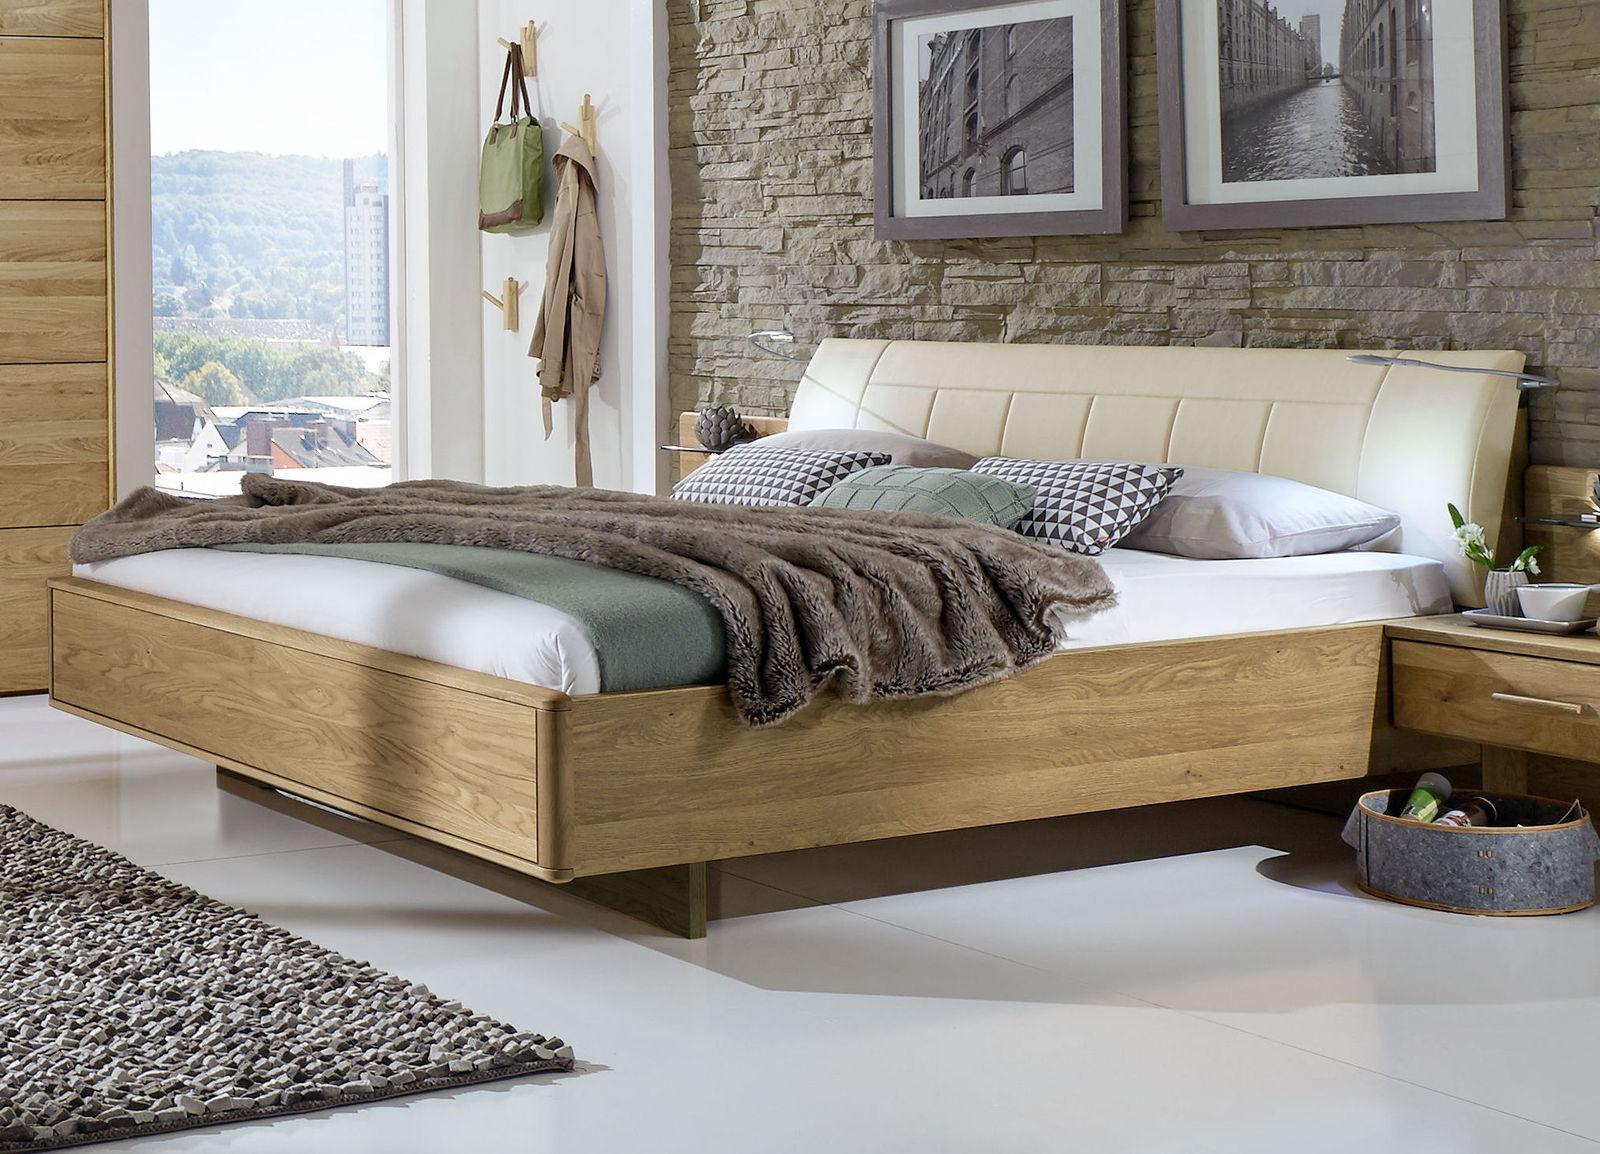 Doppelbett schwebend mit gepolstertem Kunstleder-Kopfteil - Temir